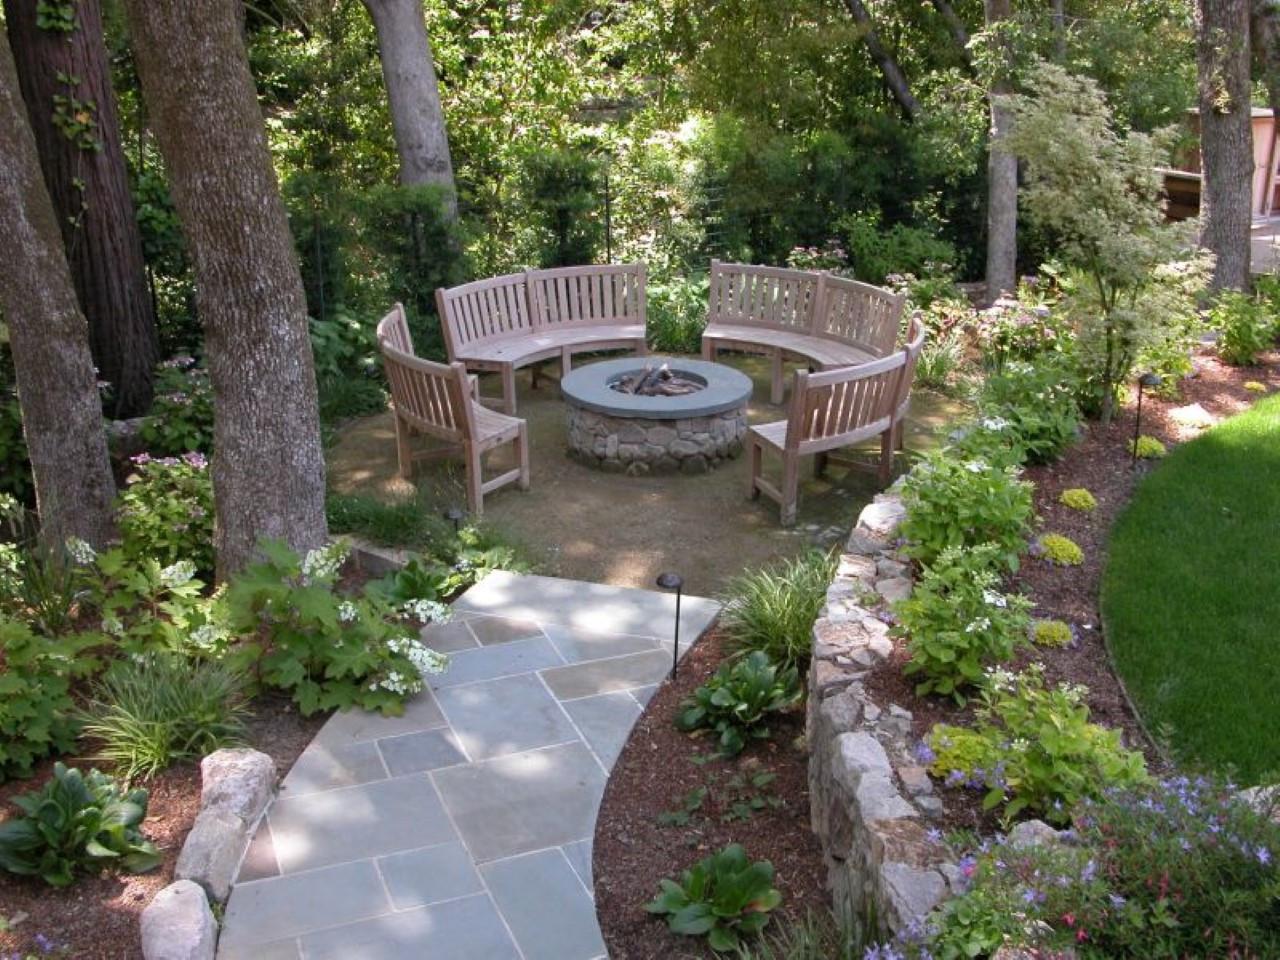 Best ideas about Garden Landscape Ideas . Save or Pin Minimalist Garden Landscape Ideas Amaza Design Now.